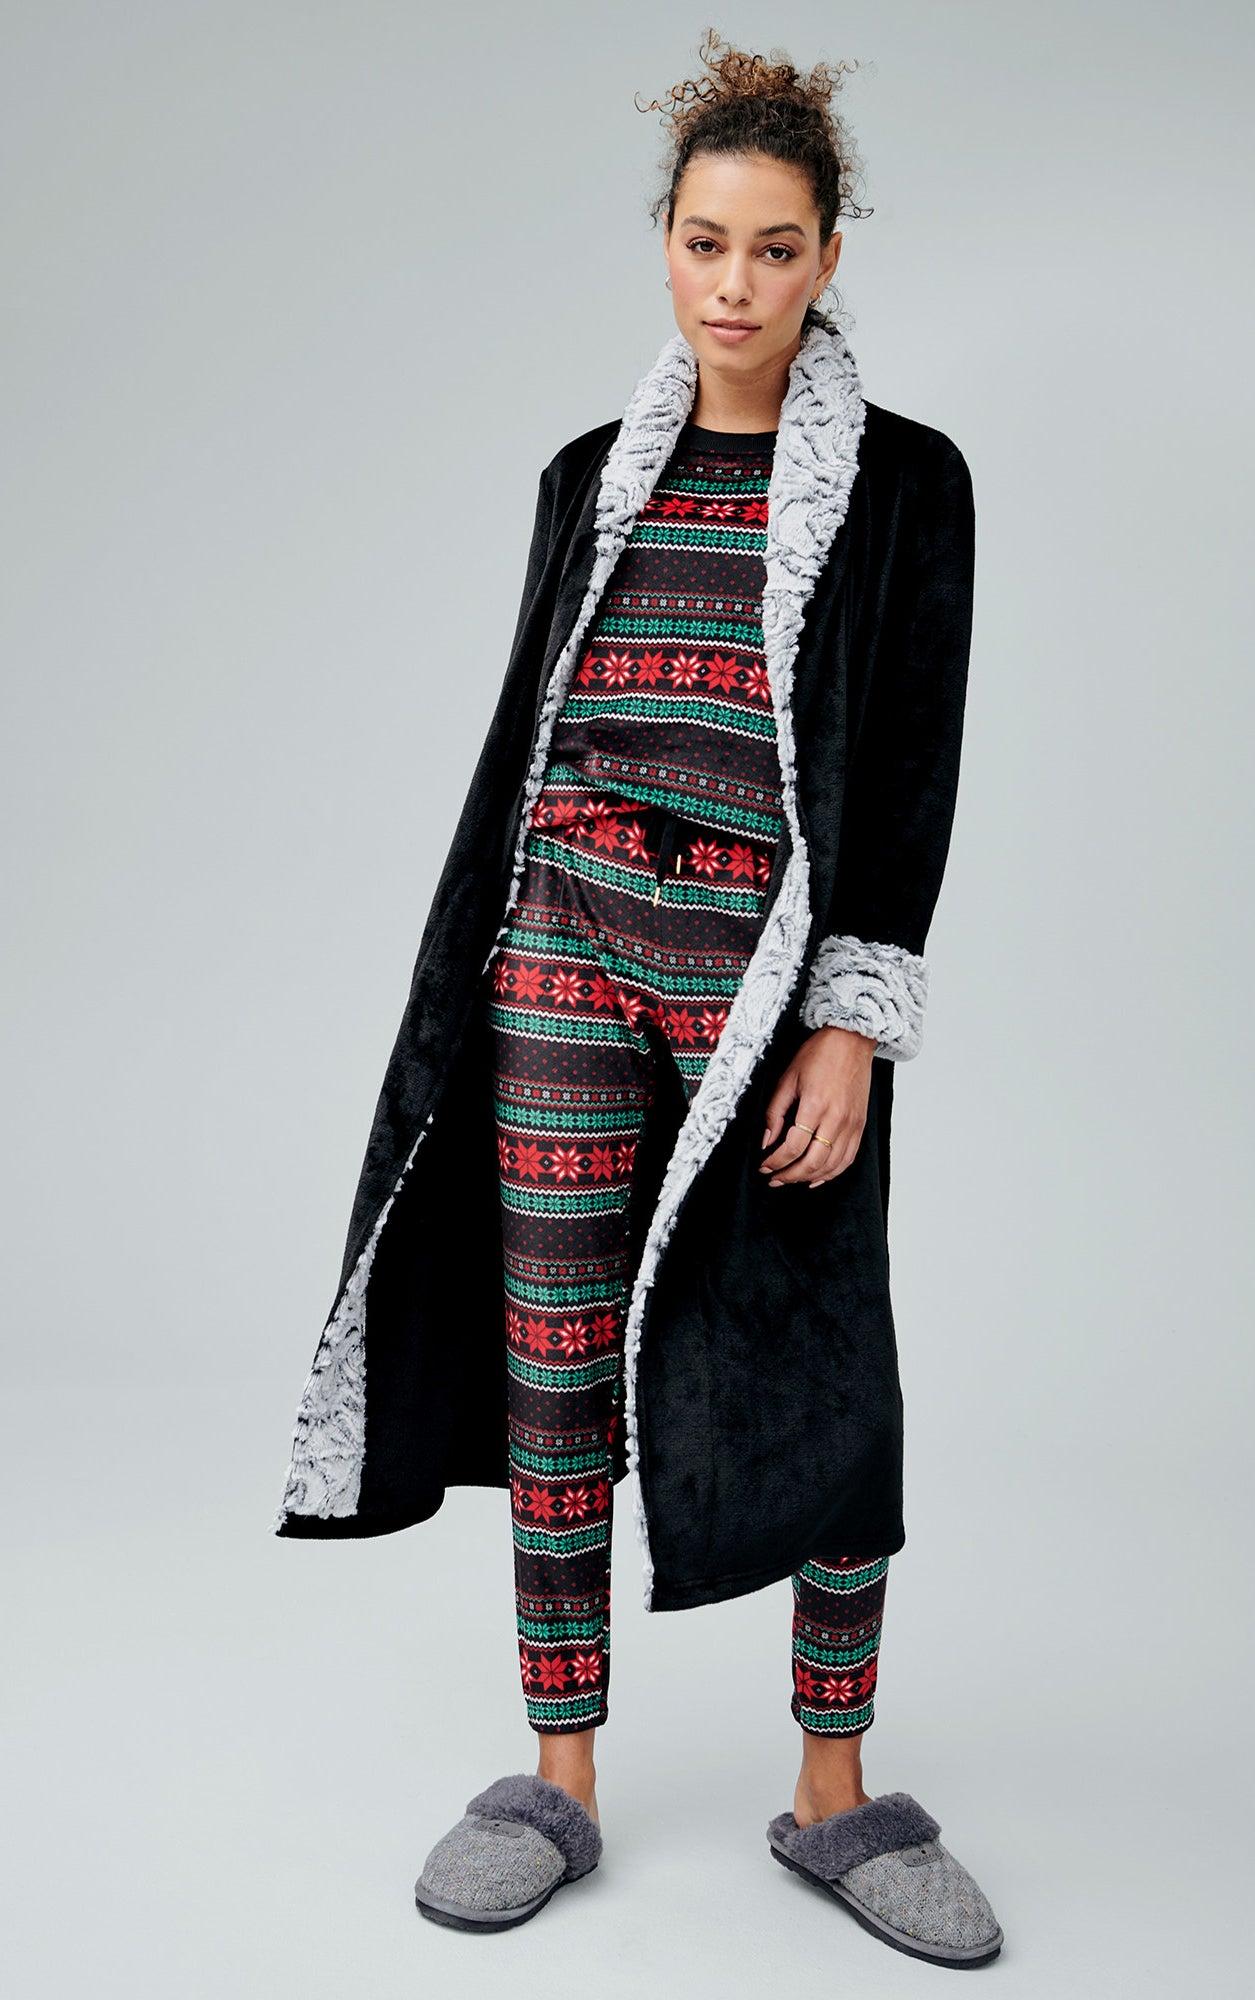 """模型穿着黑色长袍模糊下的圣诞图案睡衣""""class="""